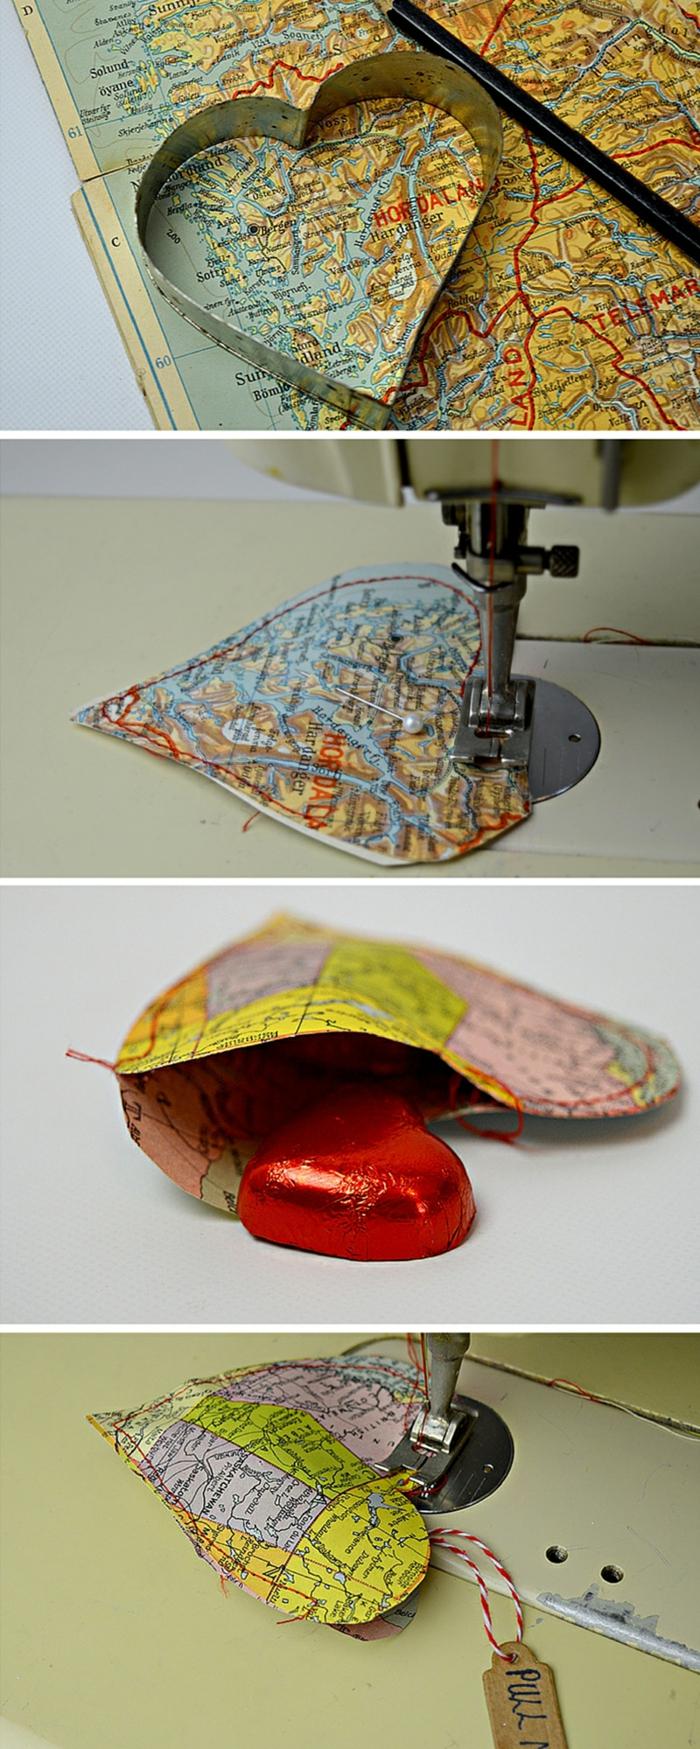 DIY Geschenkidee zum Valentinstag, Herz aus Karte ausschneiden, nähen und mit Pralinen füllen